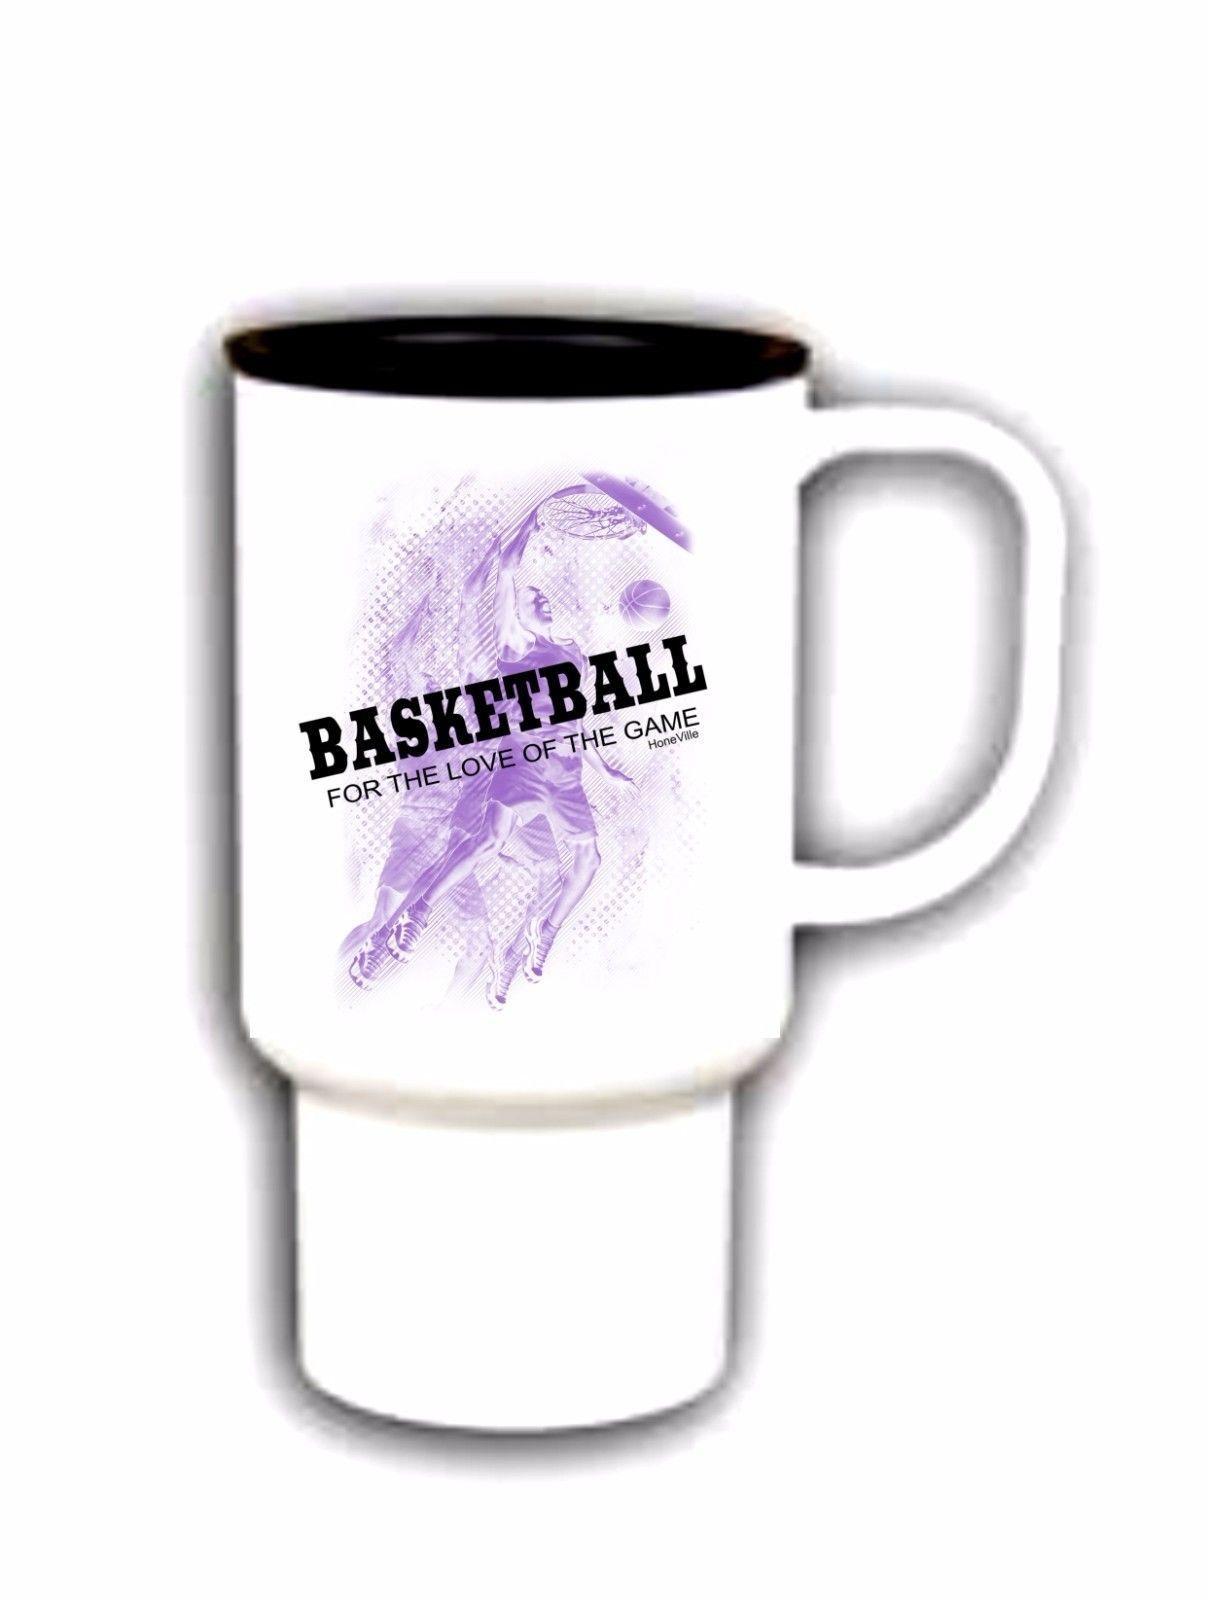 15 Oz Travel Mug Coffee Cup Polysub Basketball For The Love Of The Game